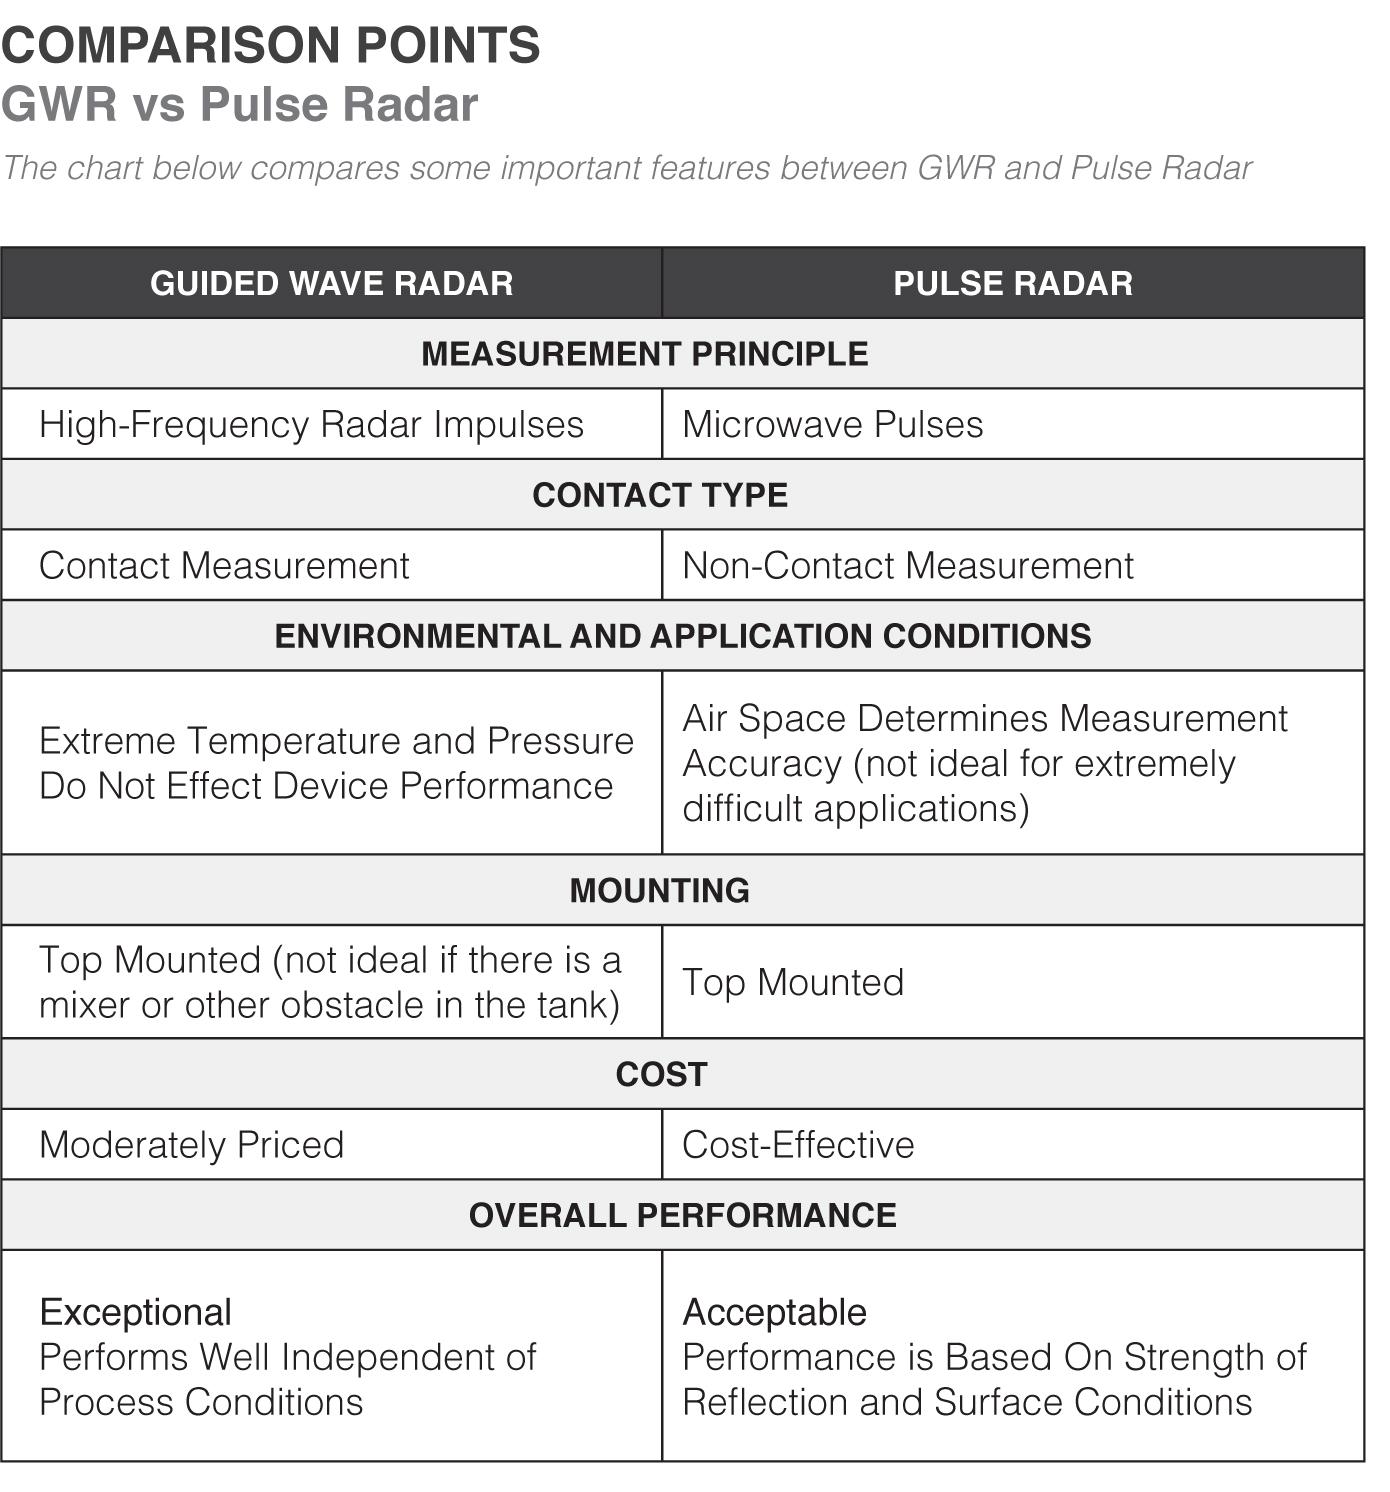 GWR vs Pulse Radar White Paper